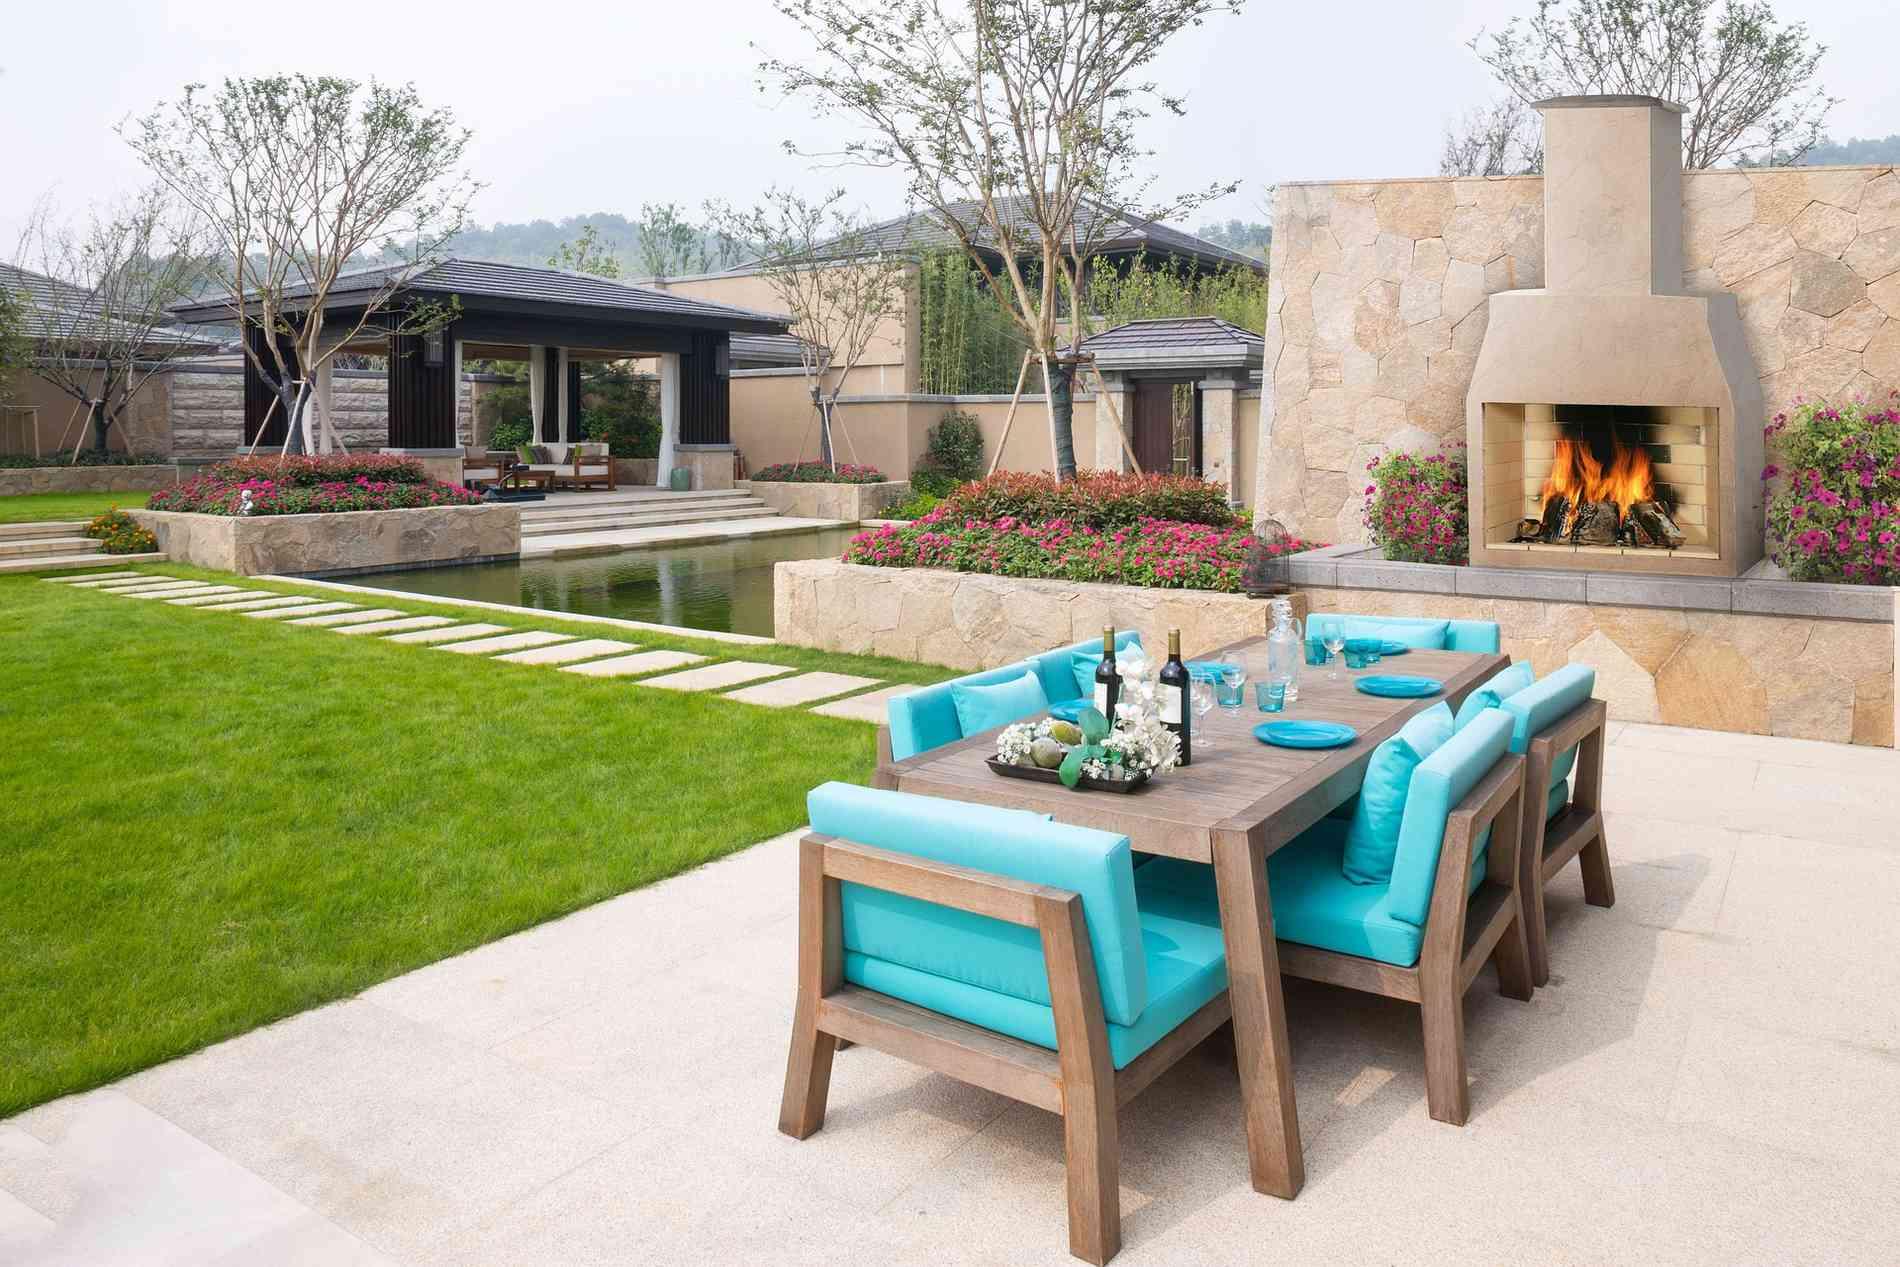 Casas com espaços maiores de lazer passaram a ser um dos critérios analisados antes da compra ou aluguel - Piaxbay